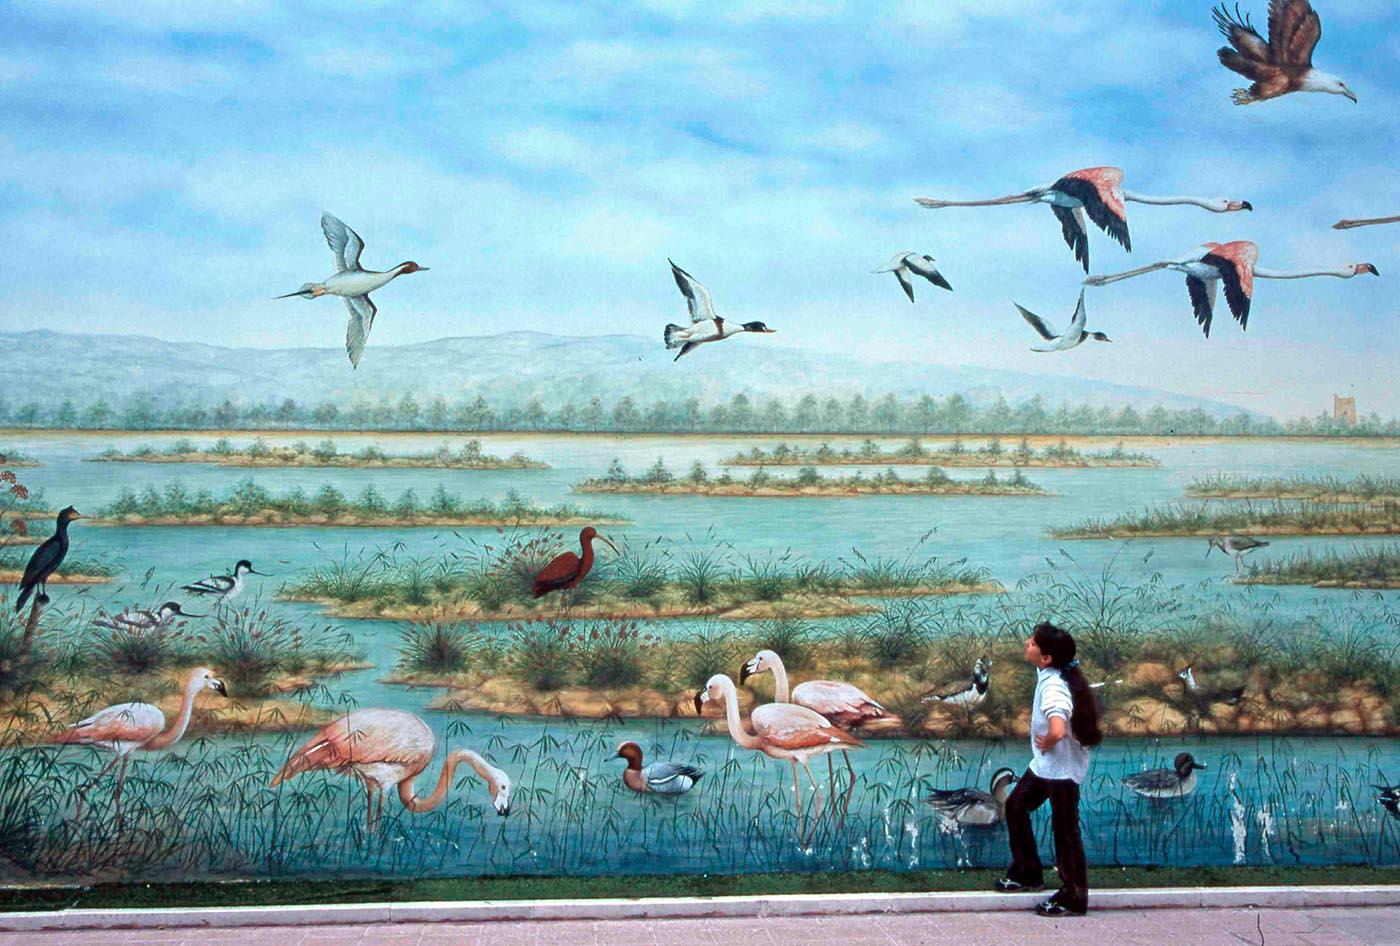 Regione Puglia apre le strade <br />all'arte: 4 milioni di euro varati <br />per interventi di Street Art